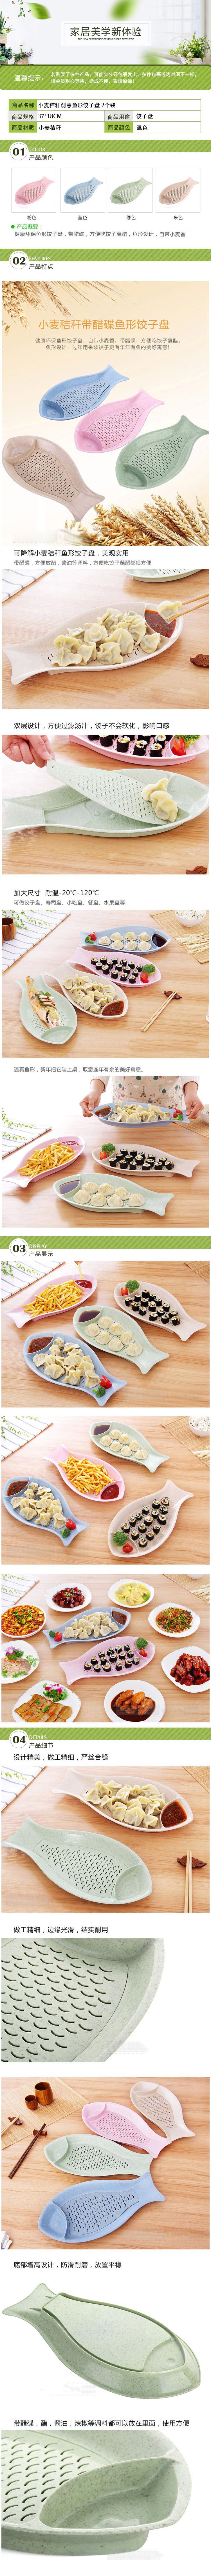 小麦秸秆创意鱼形饺子盘2个装